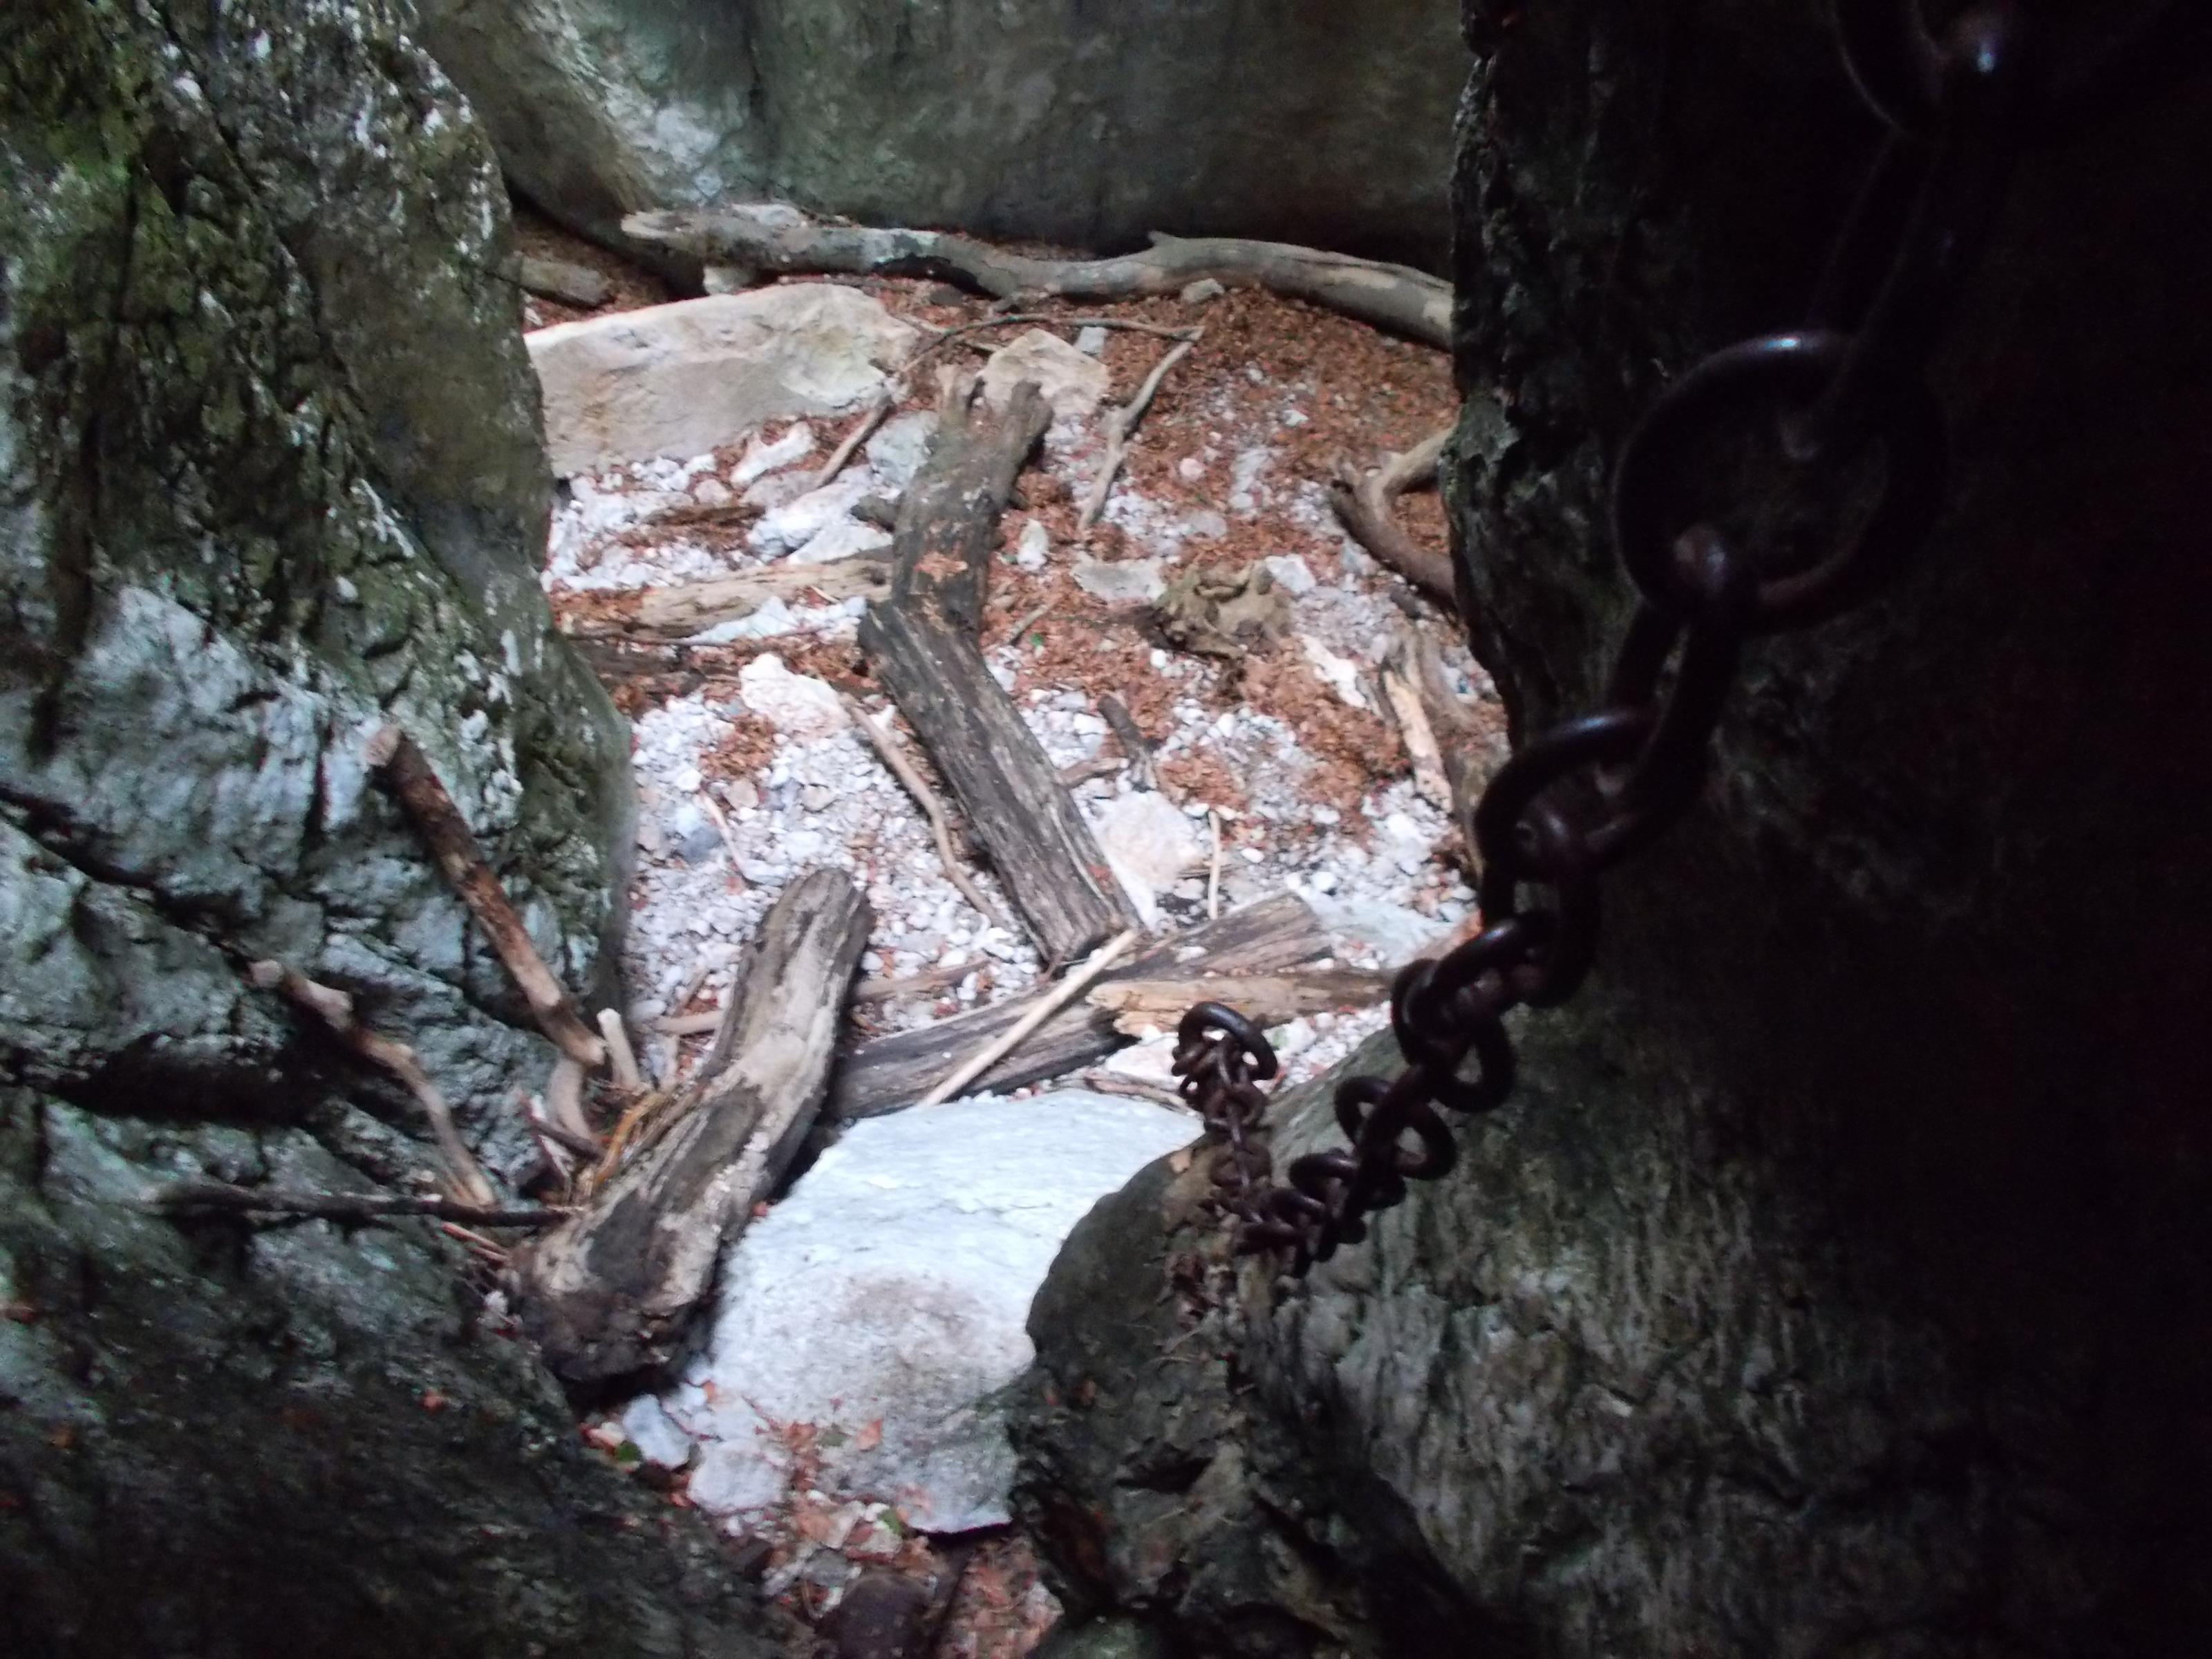 schneeberg-weichtalklamm-stadelwand-017.jpg